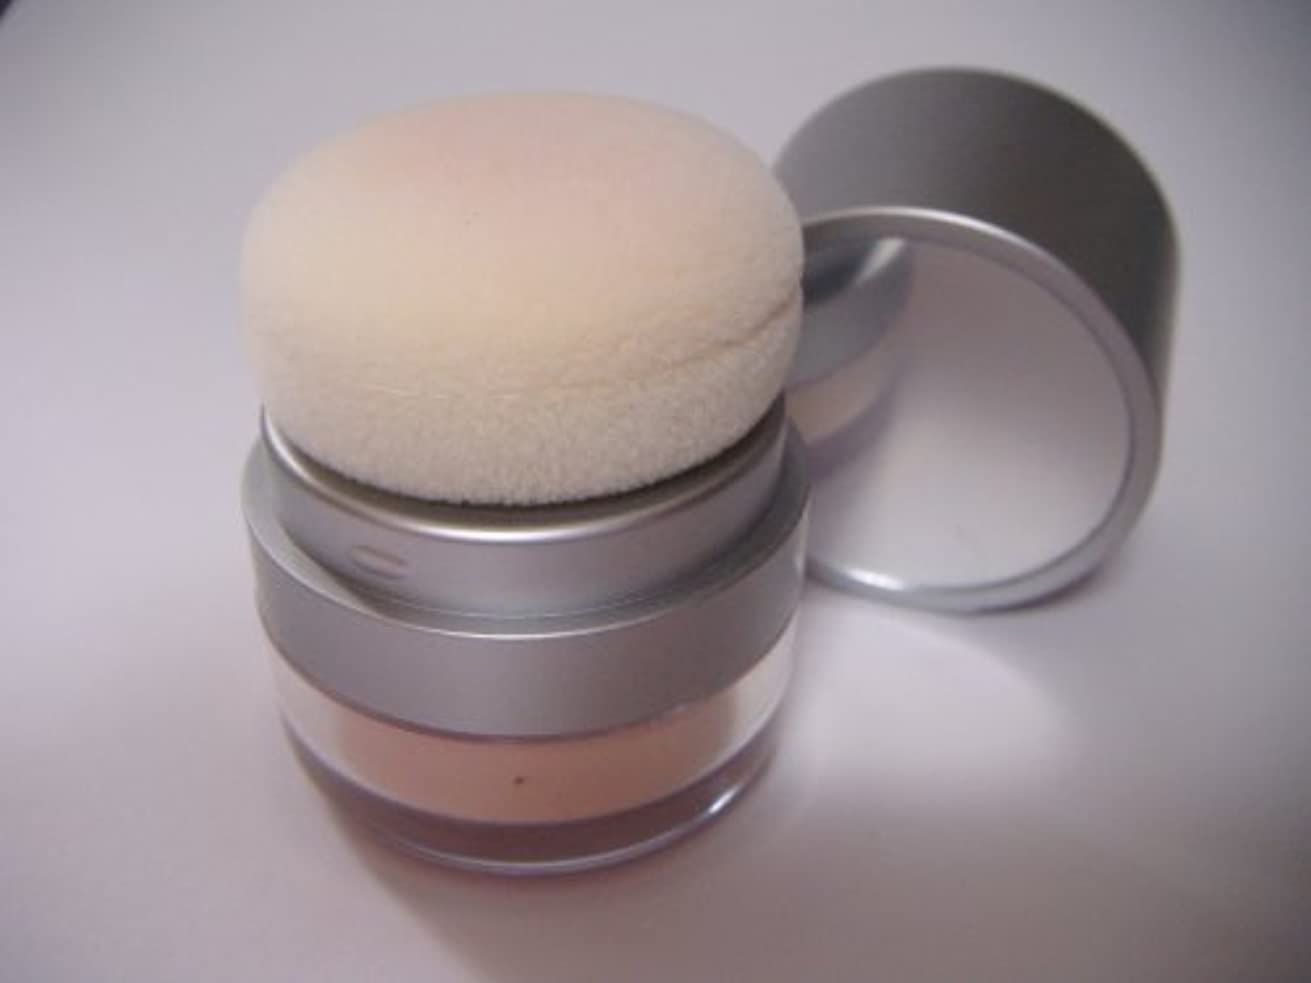 ボルトミネラル剪断UVプルーフブリリアントルースパウダー(8g)